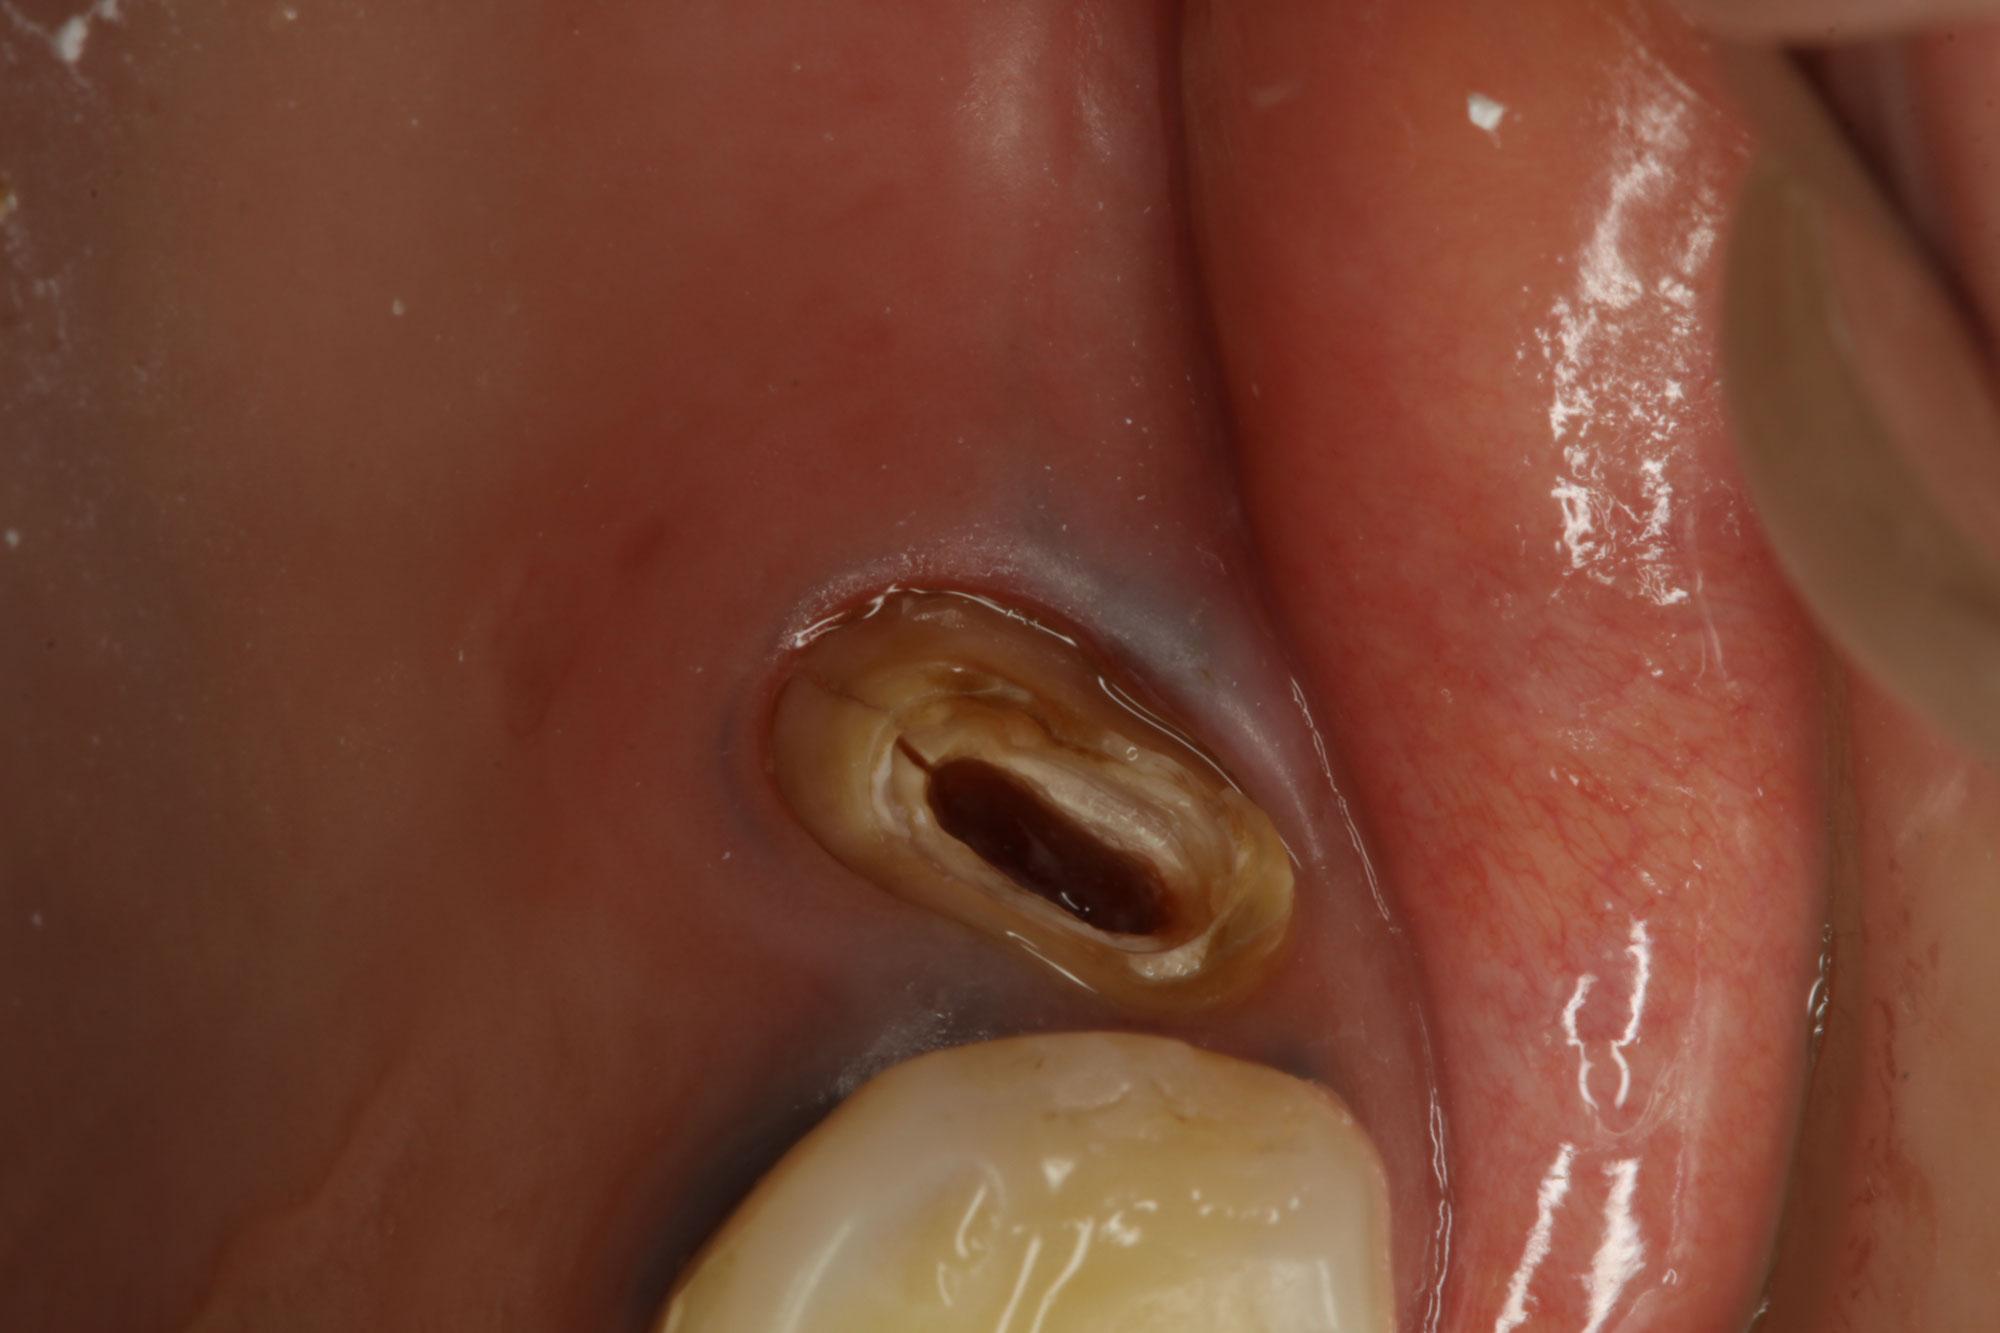 歯のヒビは状態を確認します.